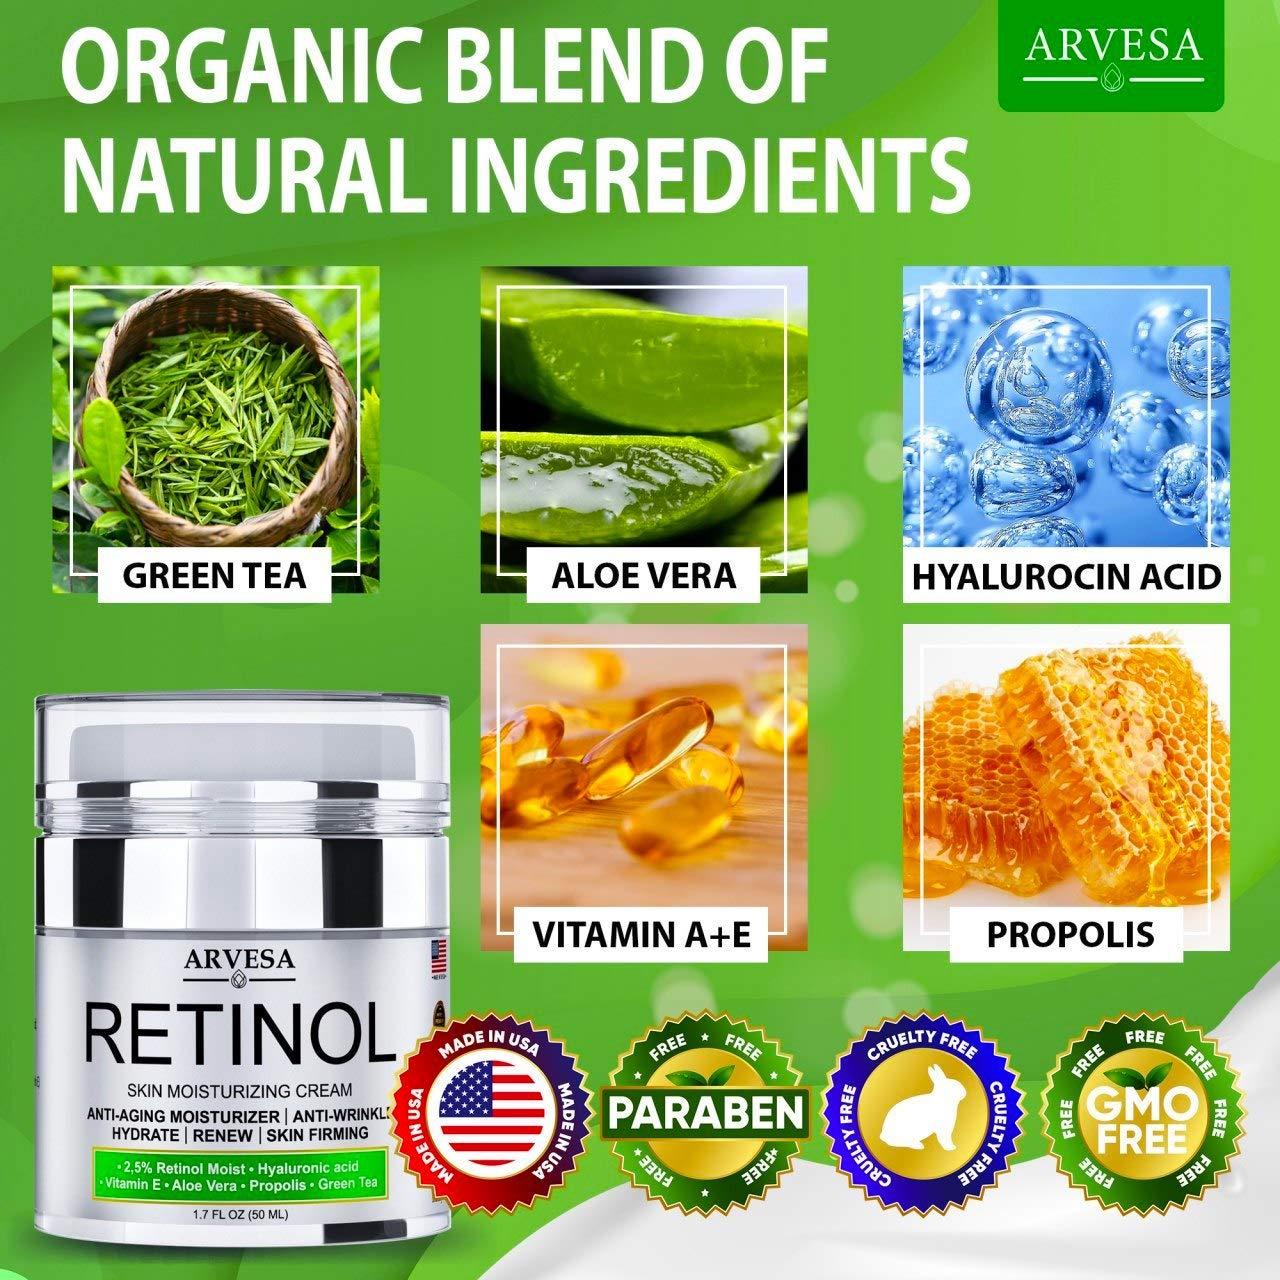 Anti Aging Retinol Moisturizer Cream for Face, Neck